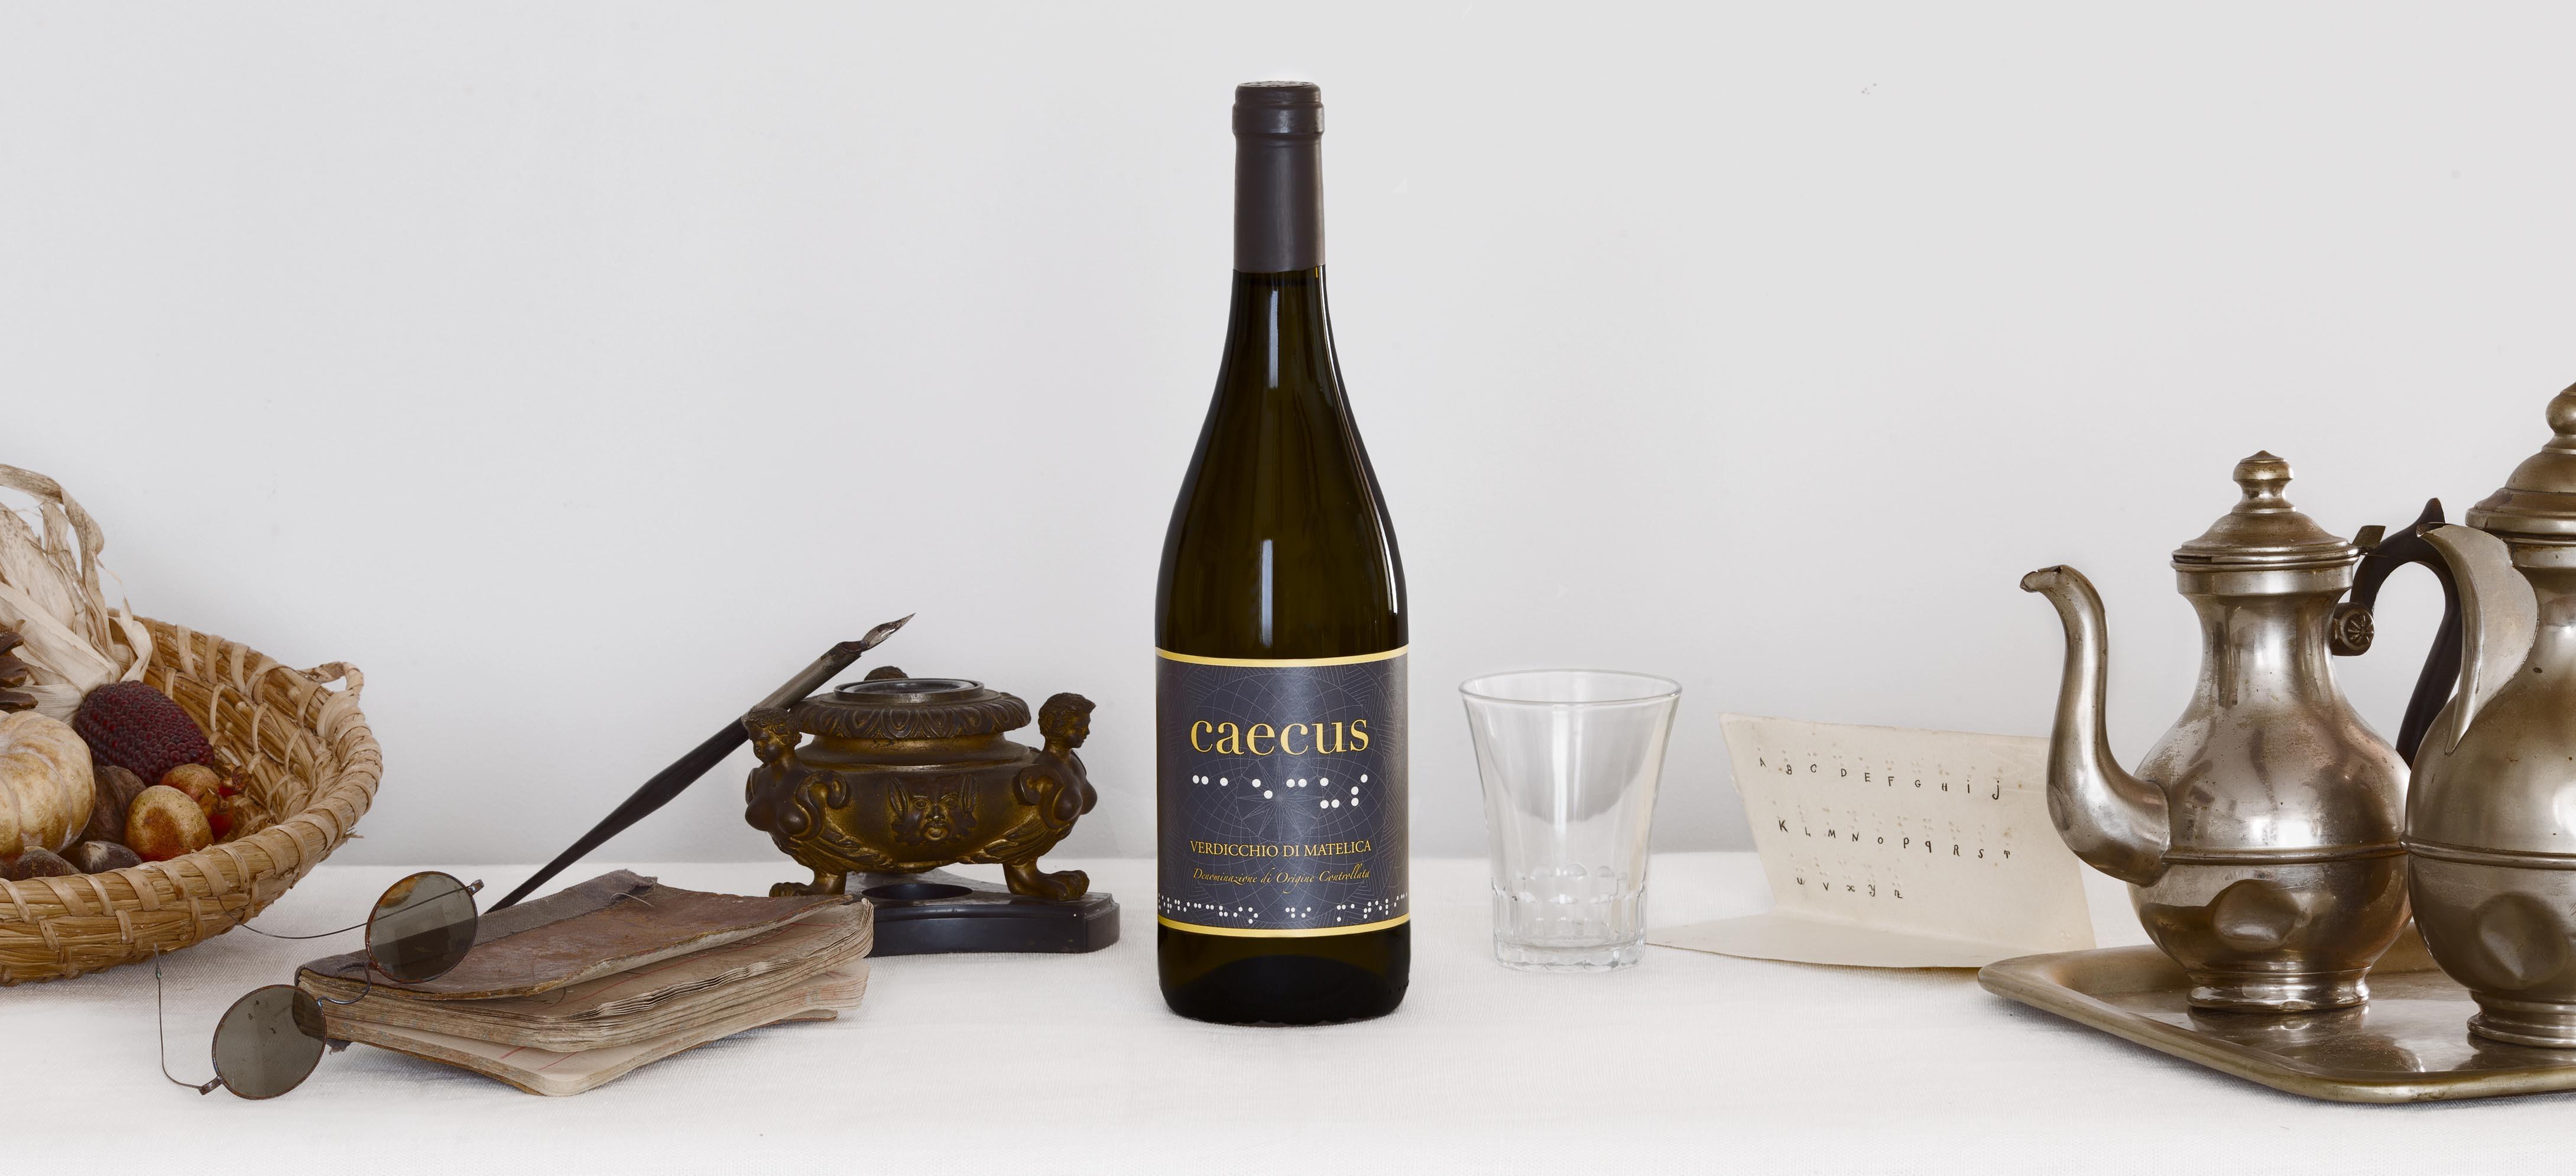 Bottiglia di Caecus